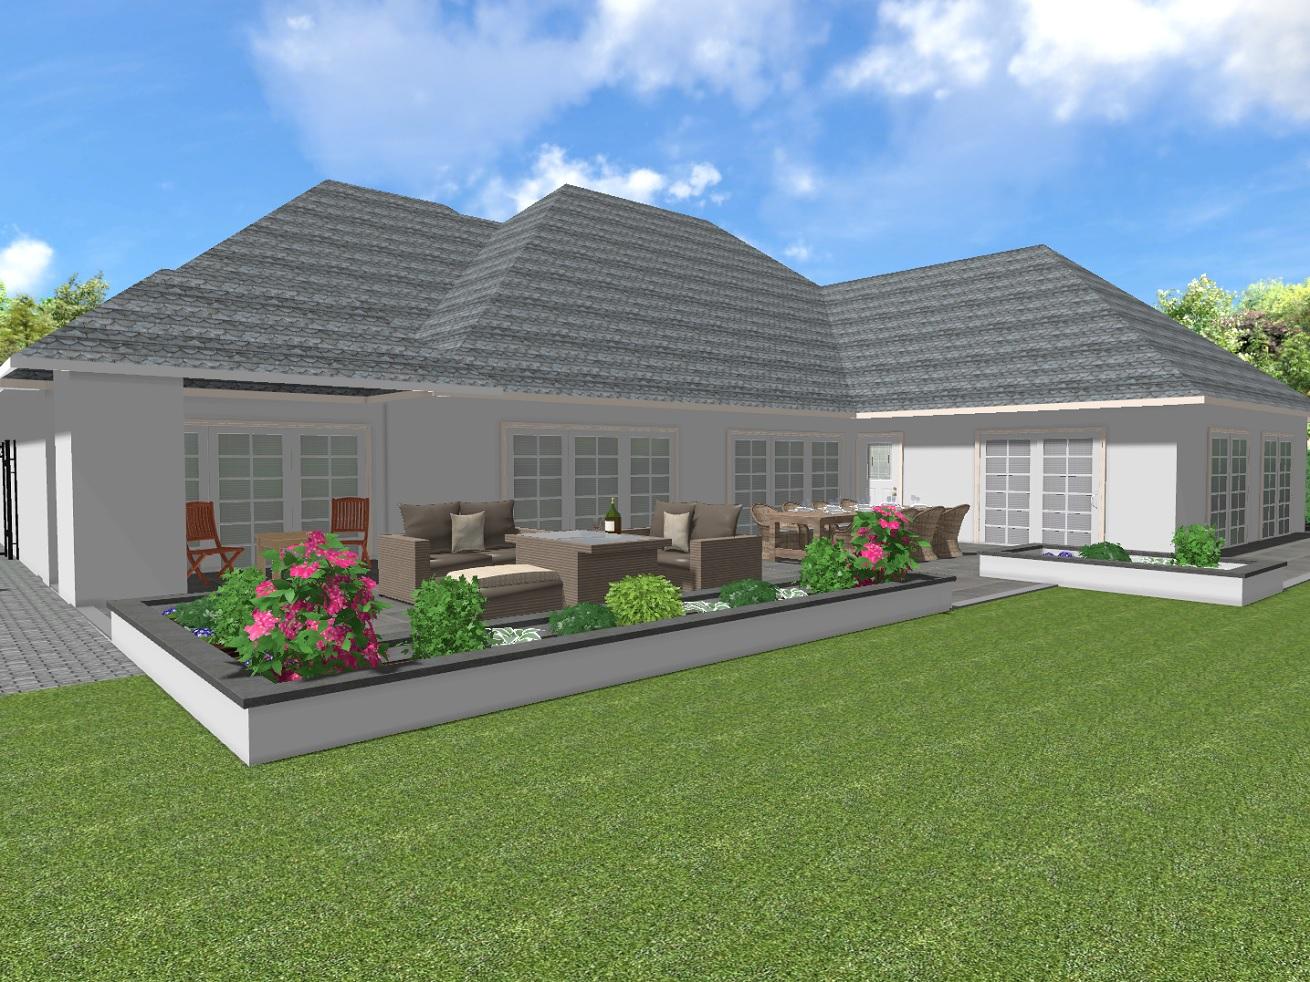 Exclusieve tuinen en levensechte 3d ontwerpen bijzonder for 3d tuin ontwerpen